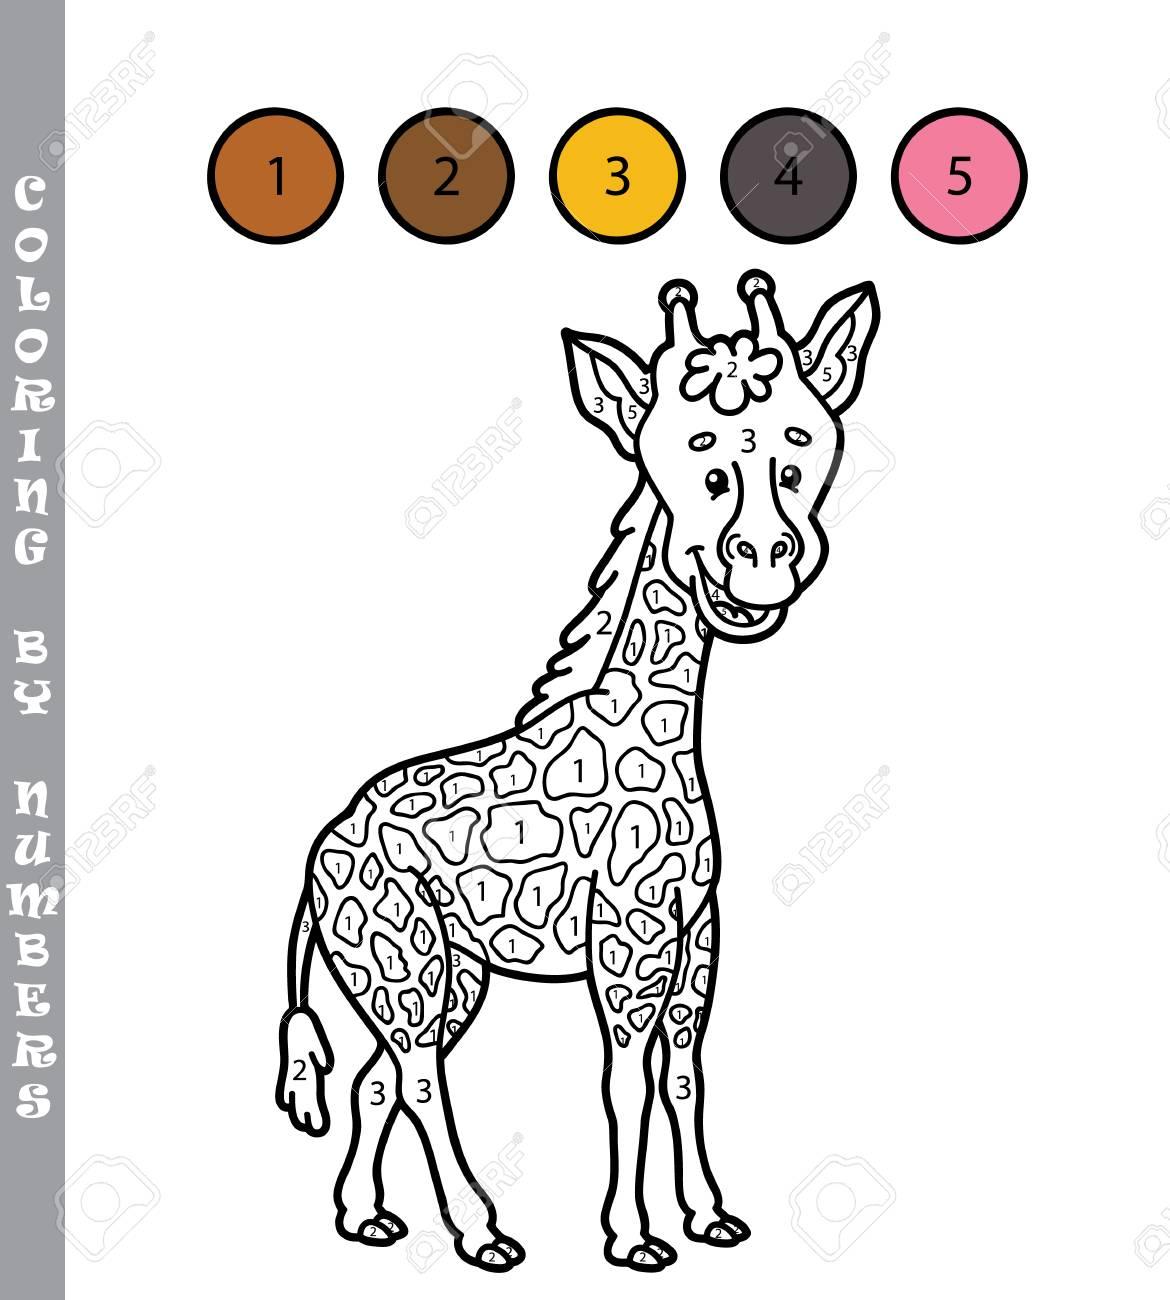 Colorear Por Números Divertido Juego Ilustración Vectorial Para Colorear Por Números Juego Con La Jirafa De Dibujos Animados Para Los Niños